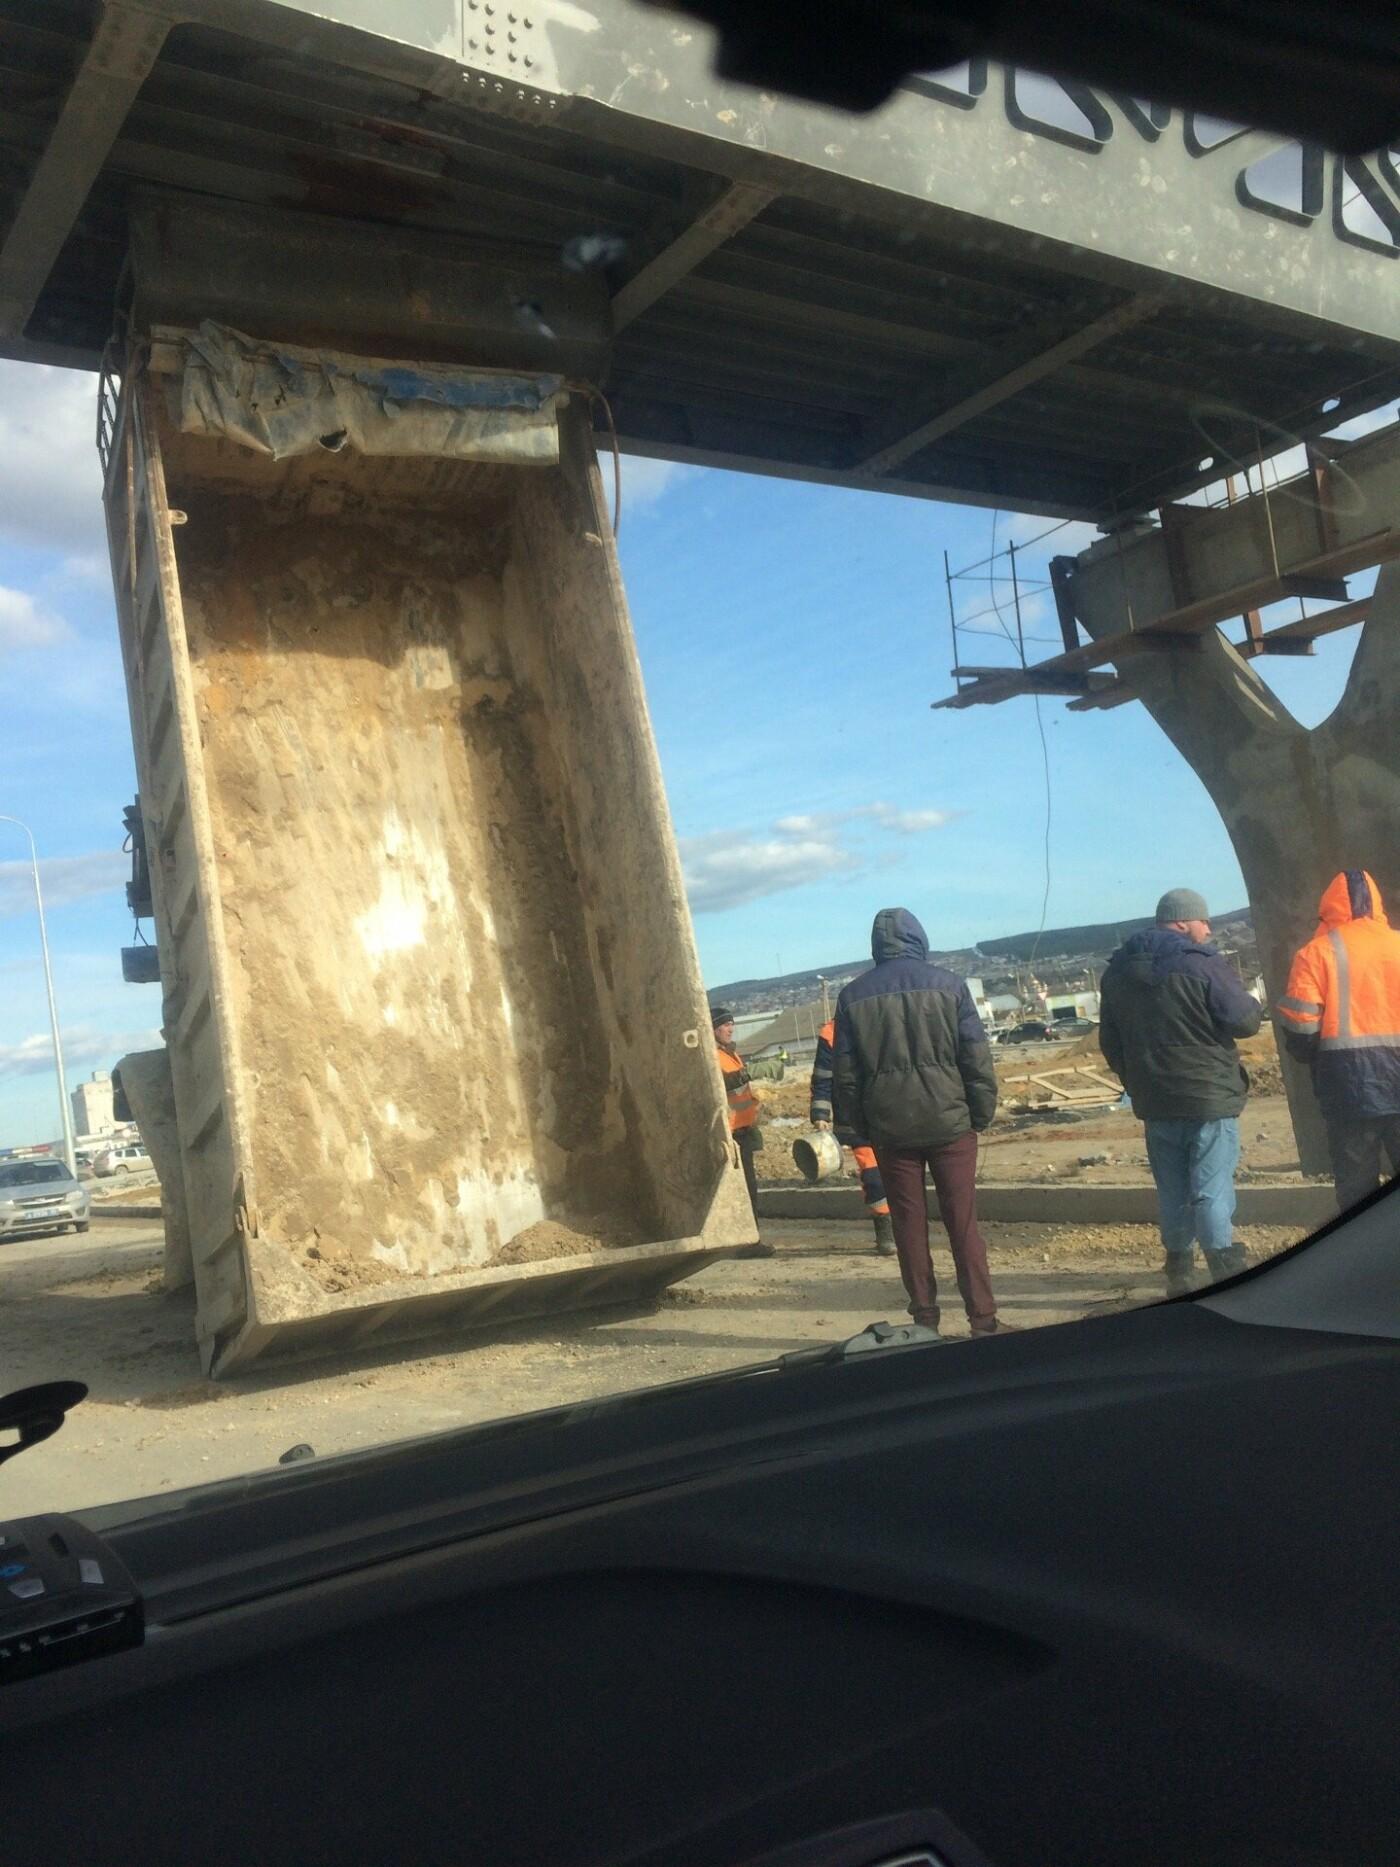 На трассе Симферополь-Севастополь грузовик проезжал под мостом и остался без кузова, - ФОТО, фото-2